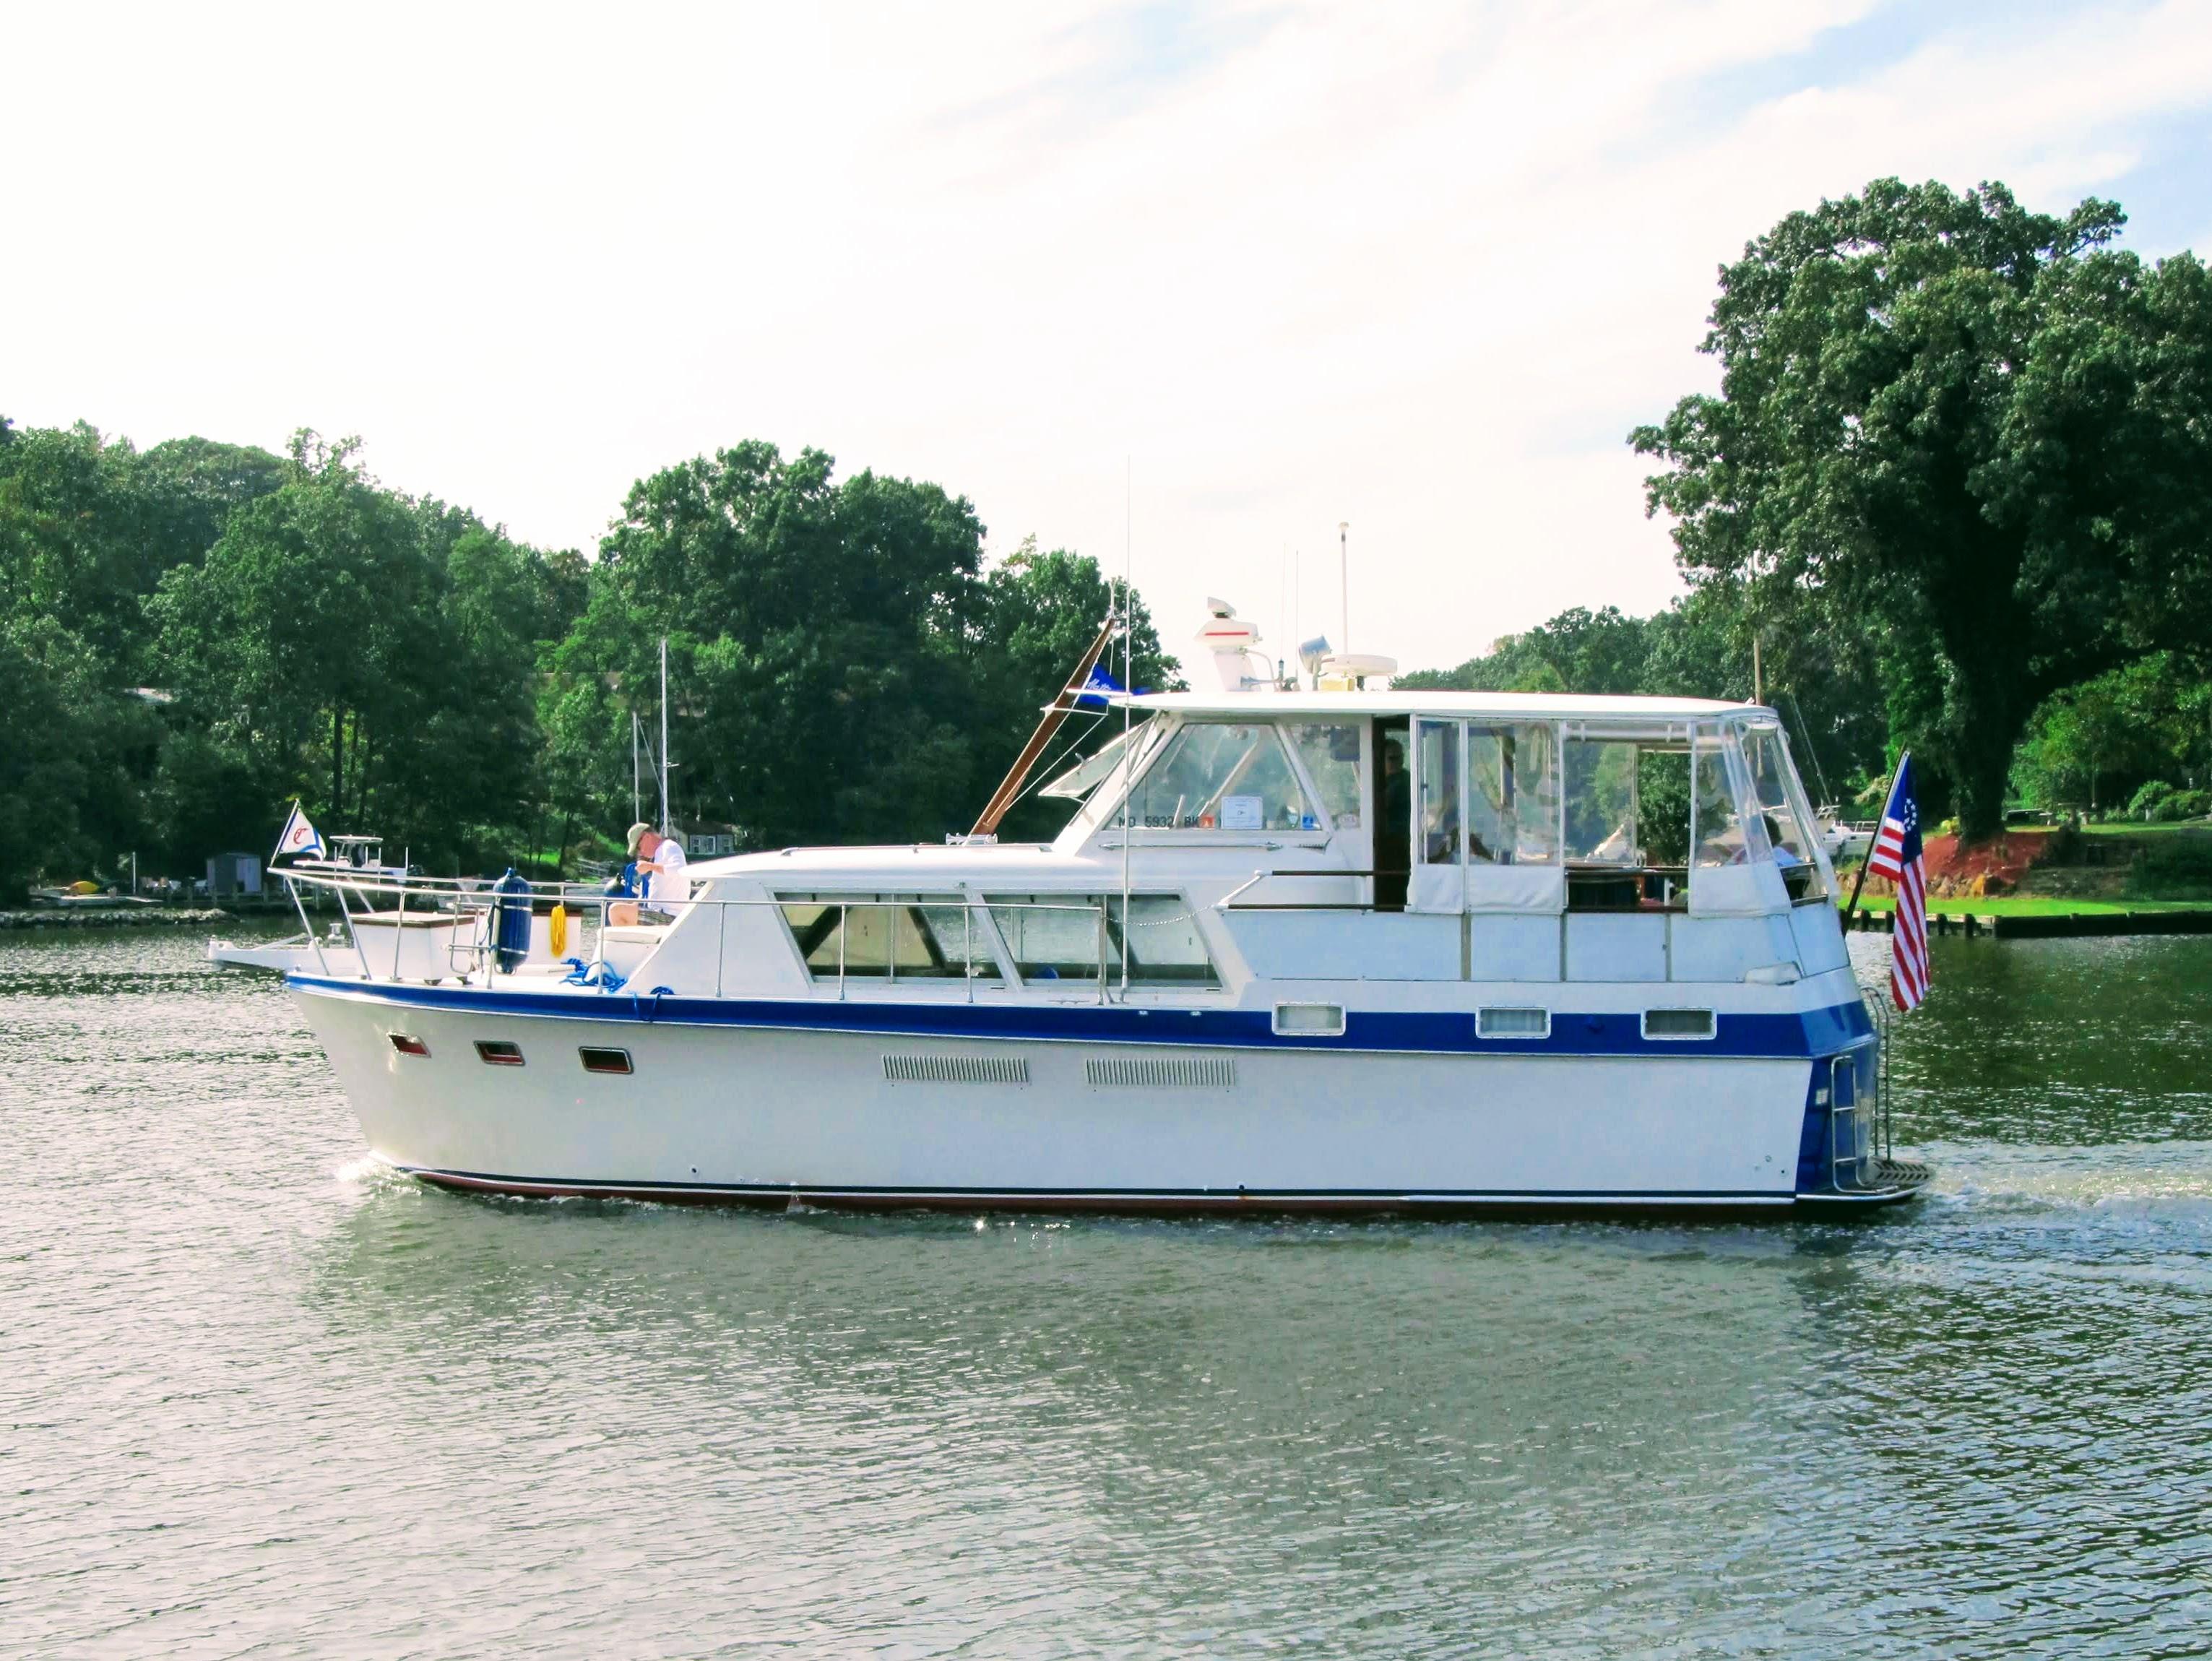 Hatteras twin cabin motor yacht